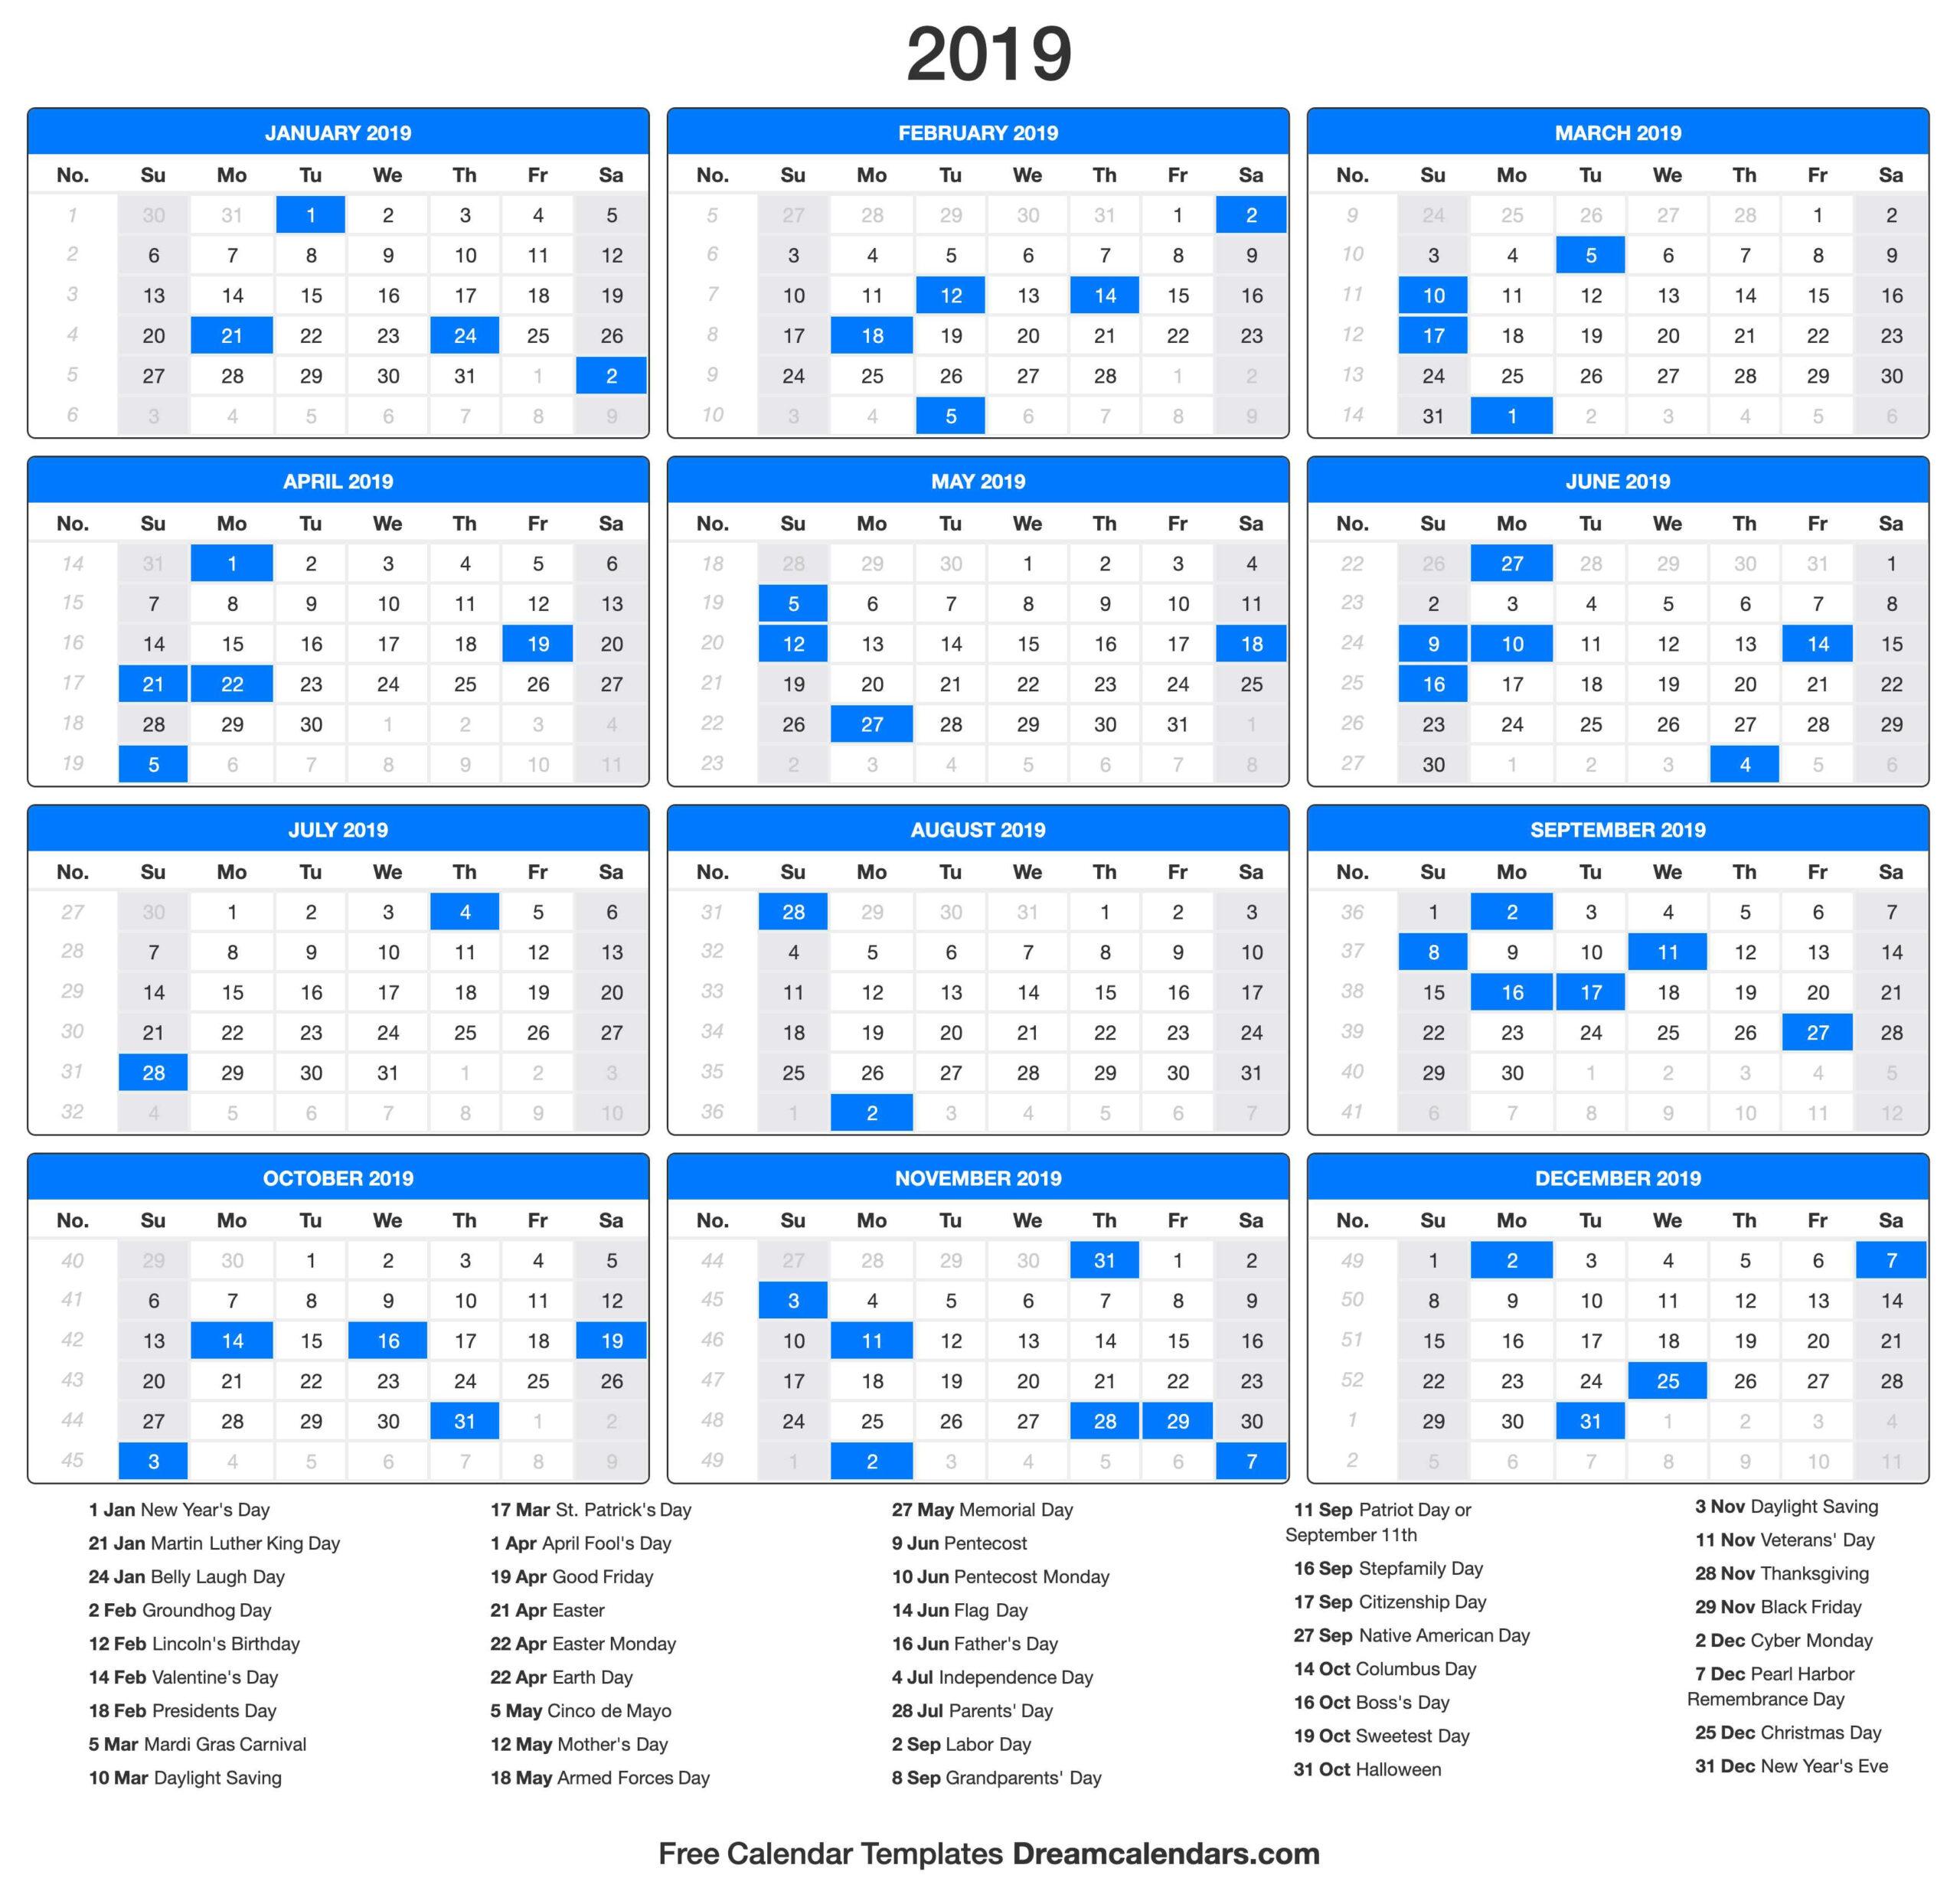 2019 Calendar_2019 Calendar Printing Johannesburg